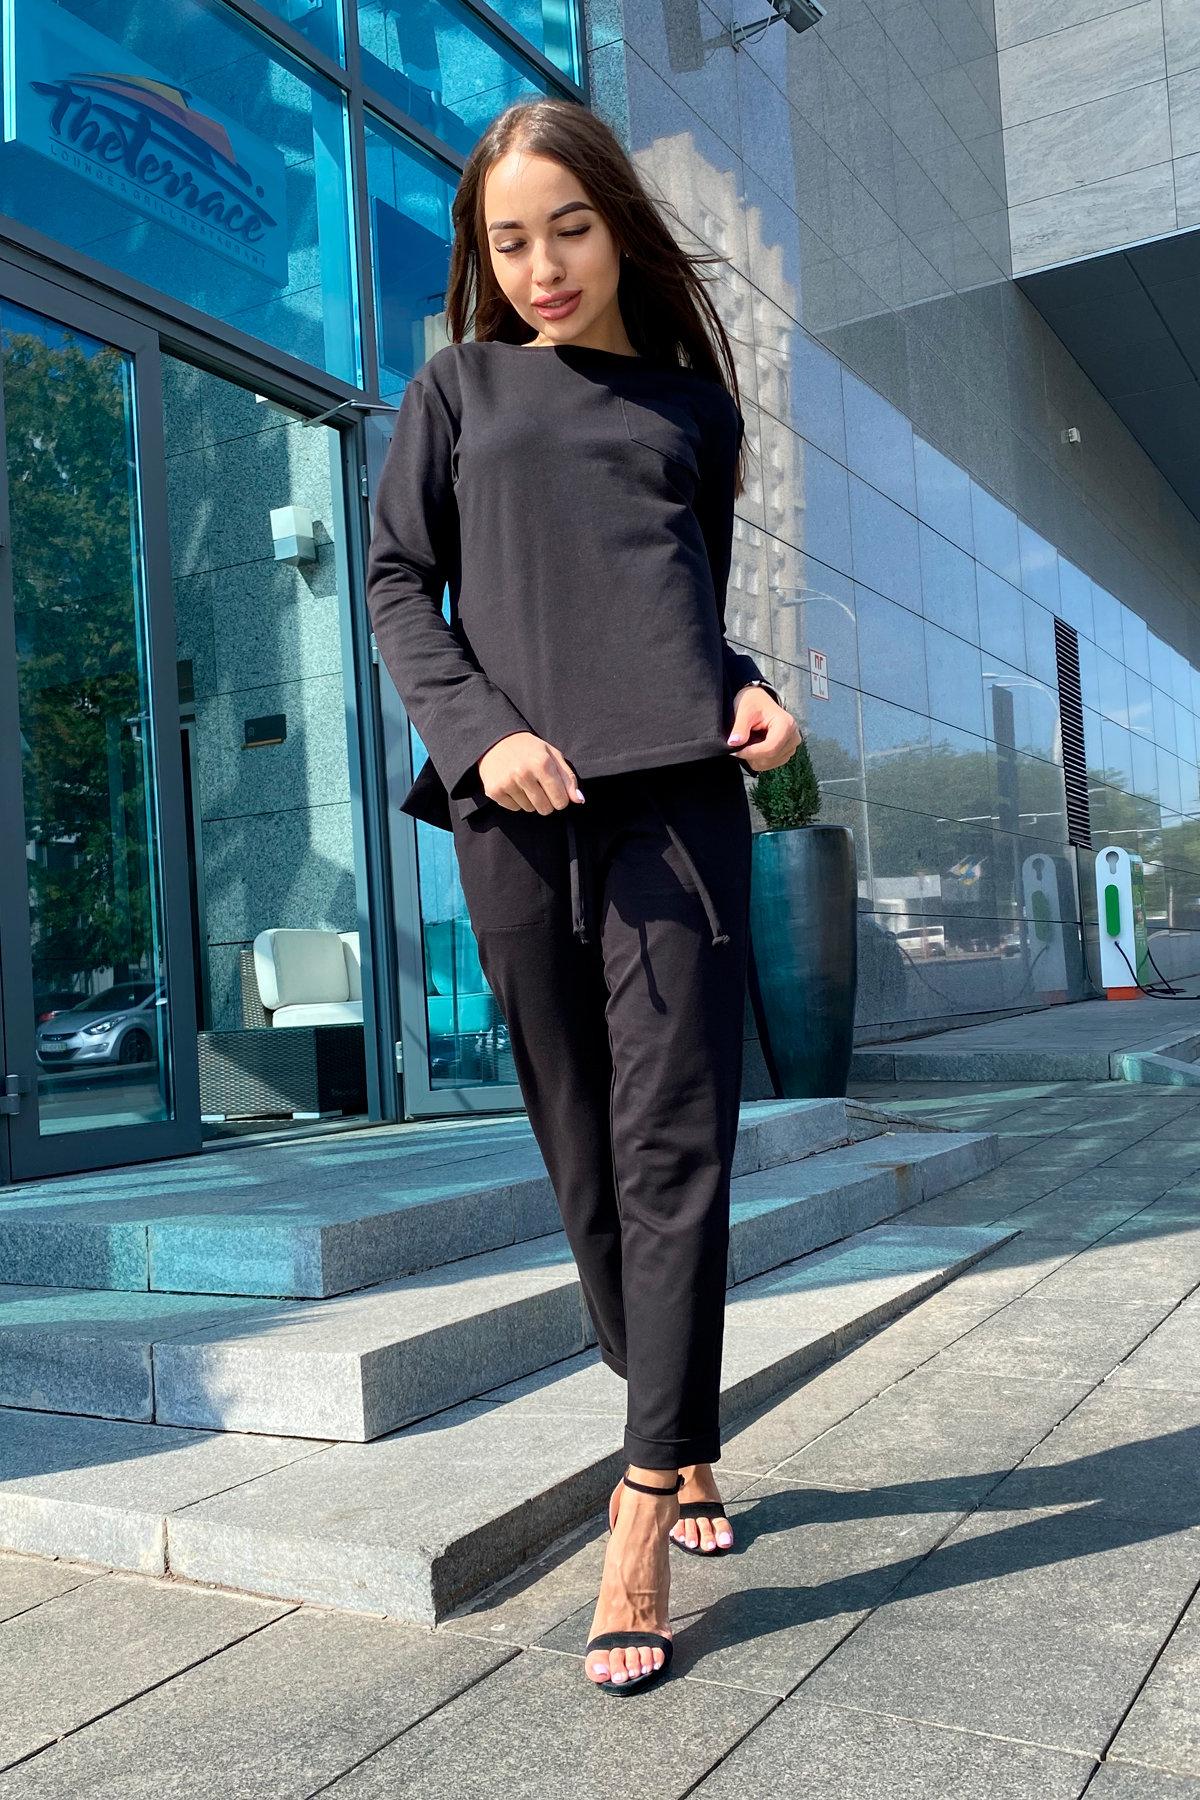 Мови  прогулочный костюм из трикотажа двунитка  9546 АРТ. 45889 Цвет: Черный - фото 5, интернет магазин tm-modus.ru